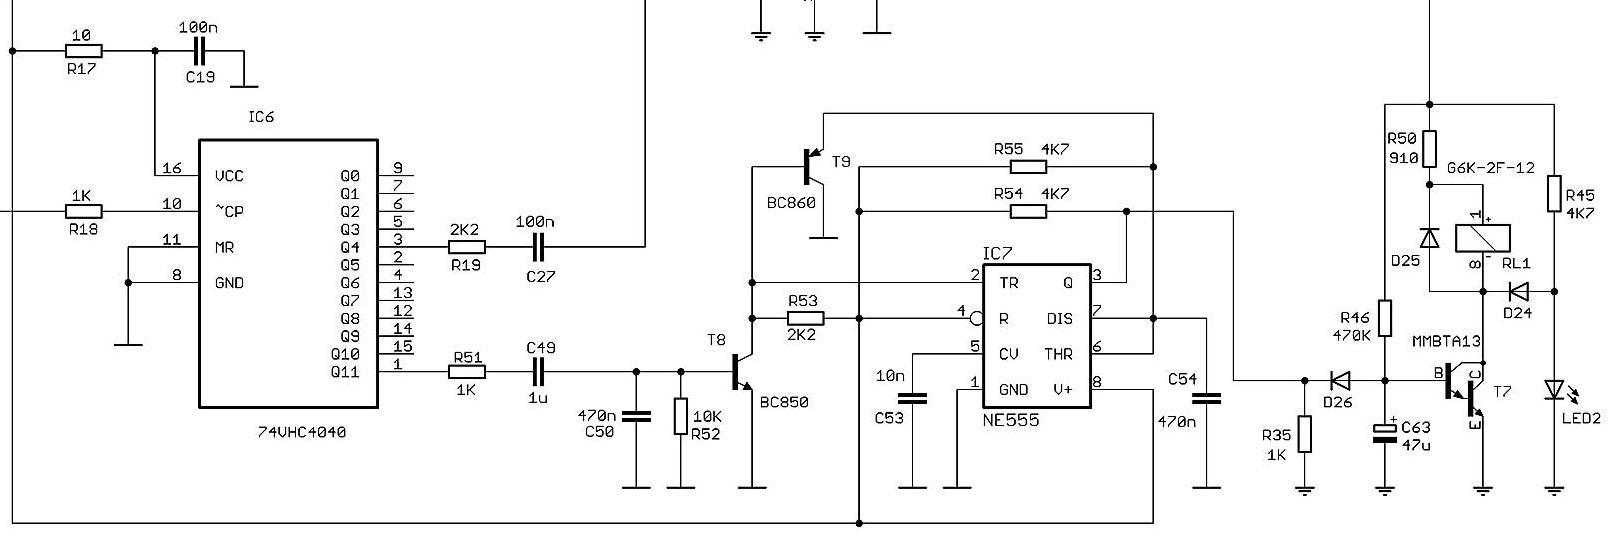 HDAC: schema elettrico 35283172335_302e1f16da_o_d